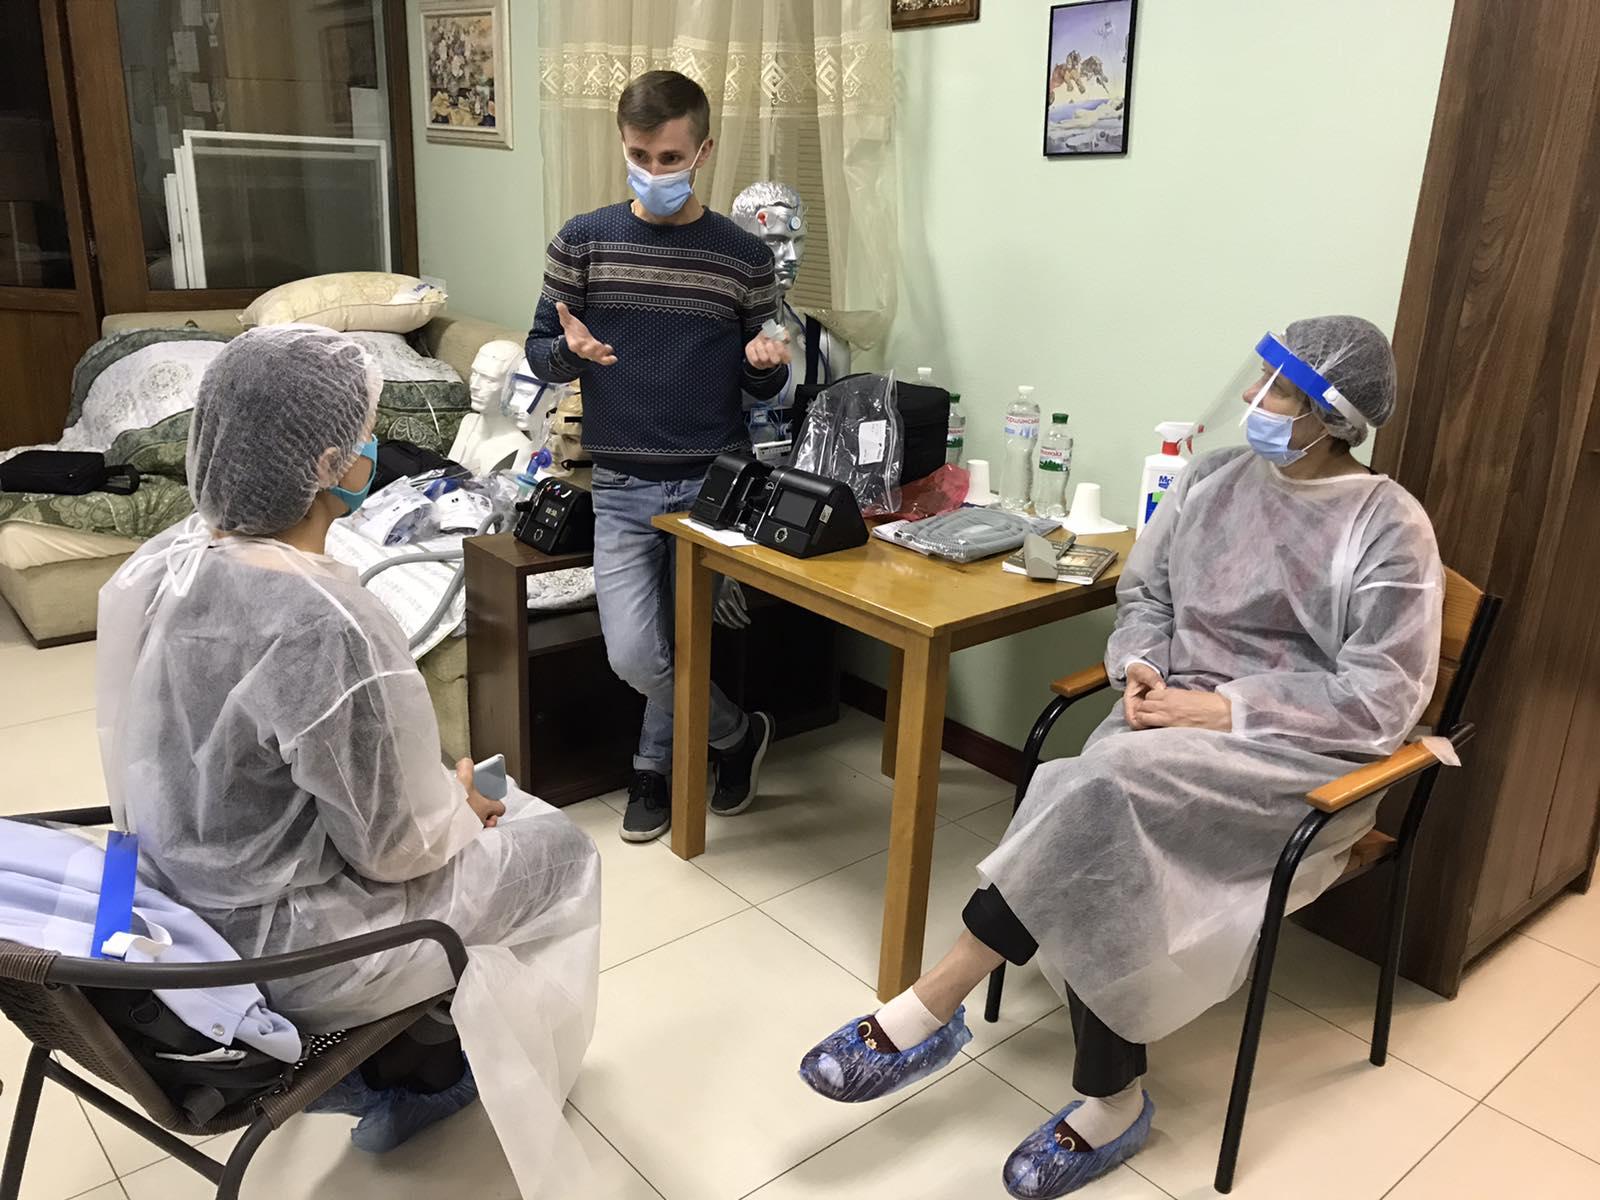 Навчання курсантів: інженер Дрижак Андрій розповідає як налаштовувати сіпап-апарати